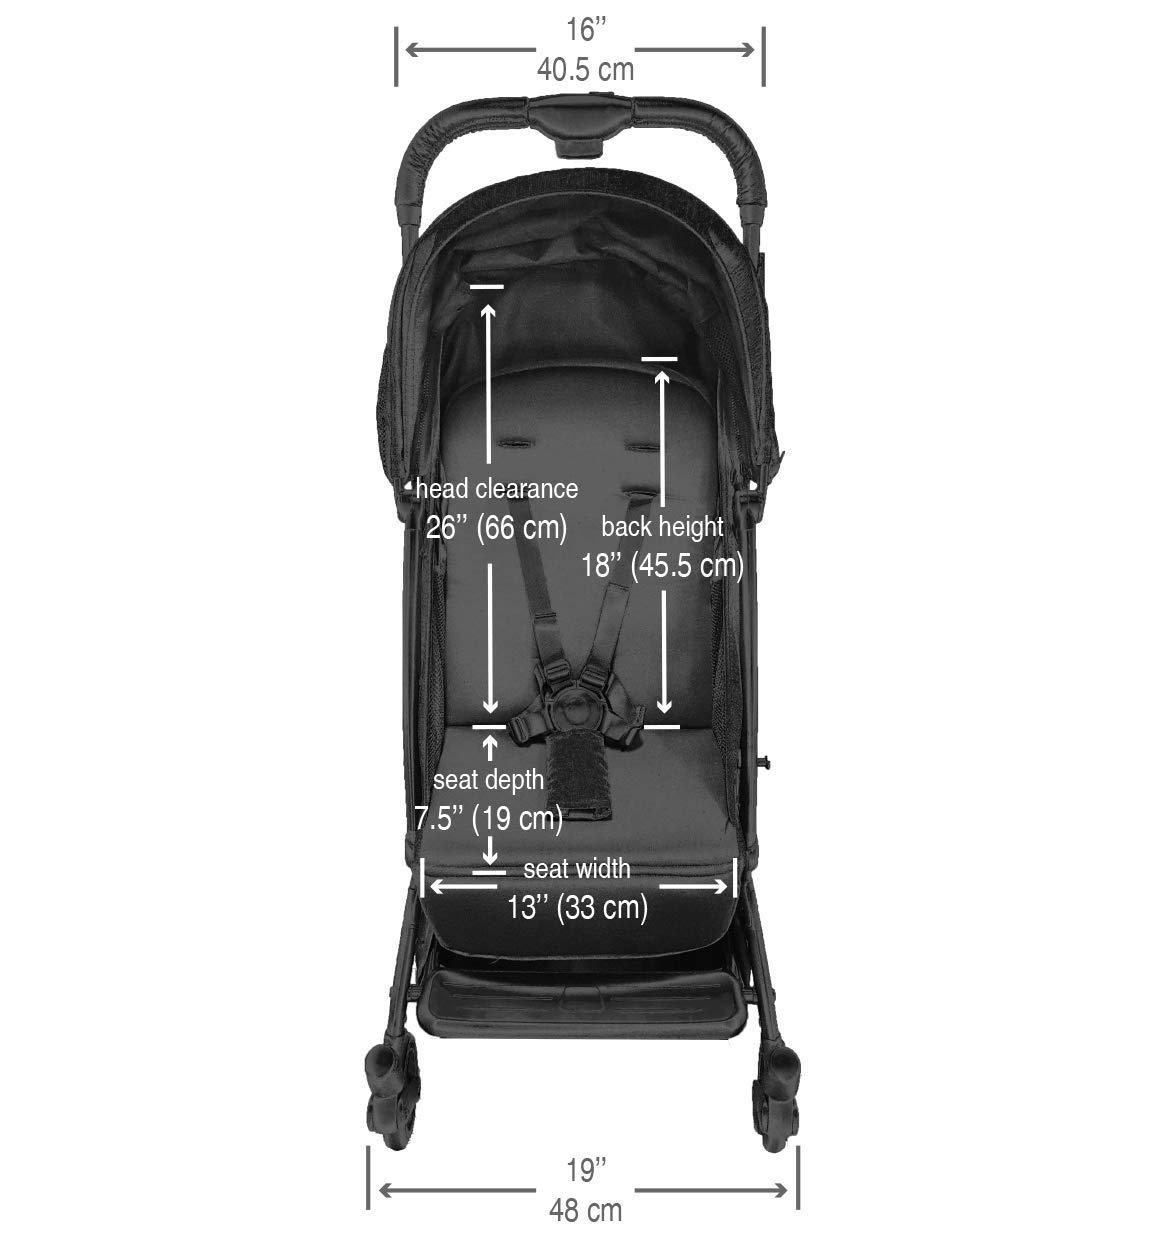 guzzie+Guss Oxygen Stroller (2020 Edition), GG030SP20, Salt & Pepper